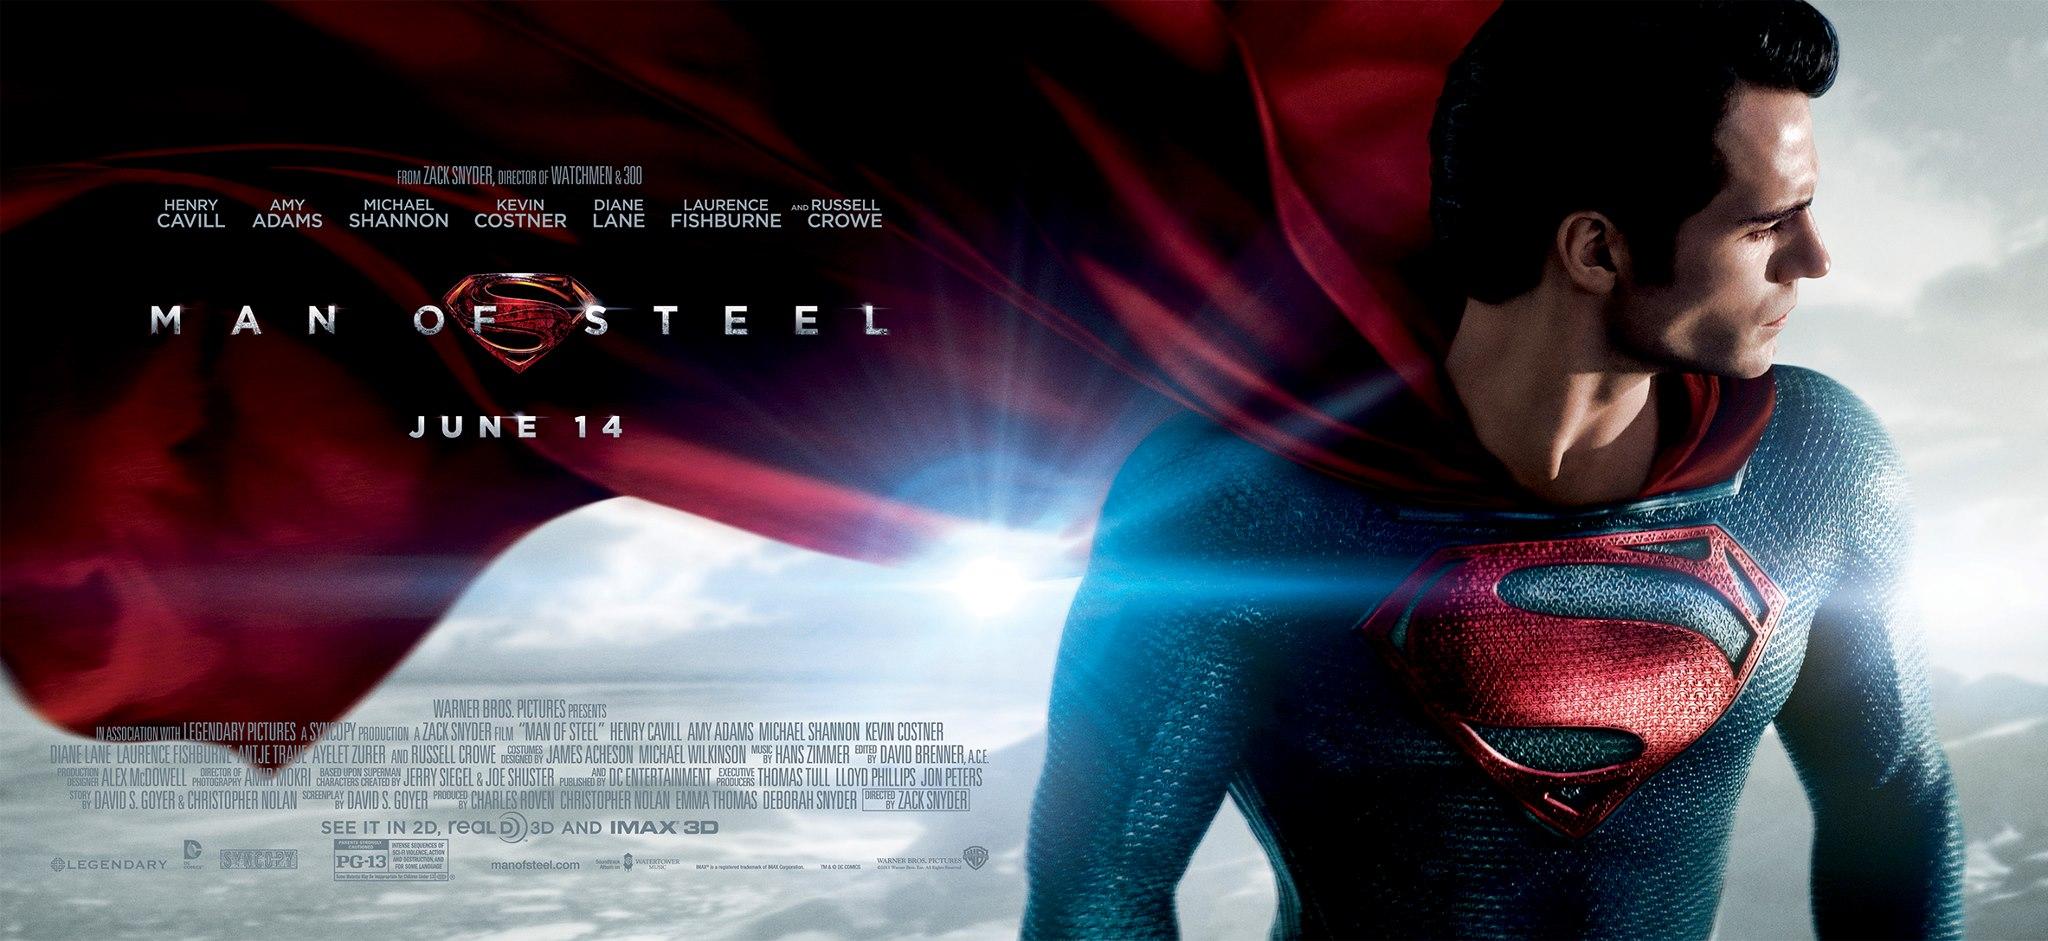 El hombre de acero (Man of Steel, 2013) de Zack Snyder